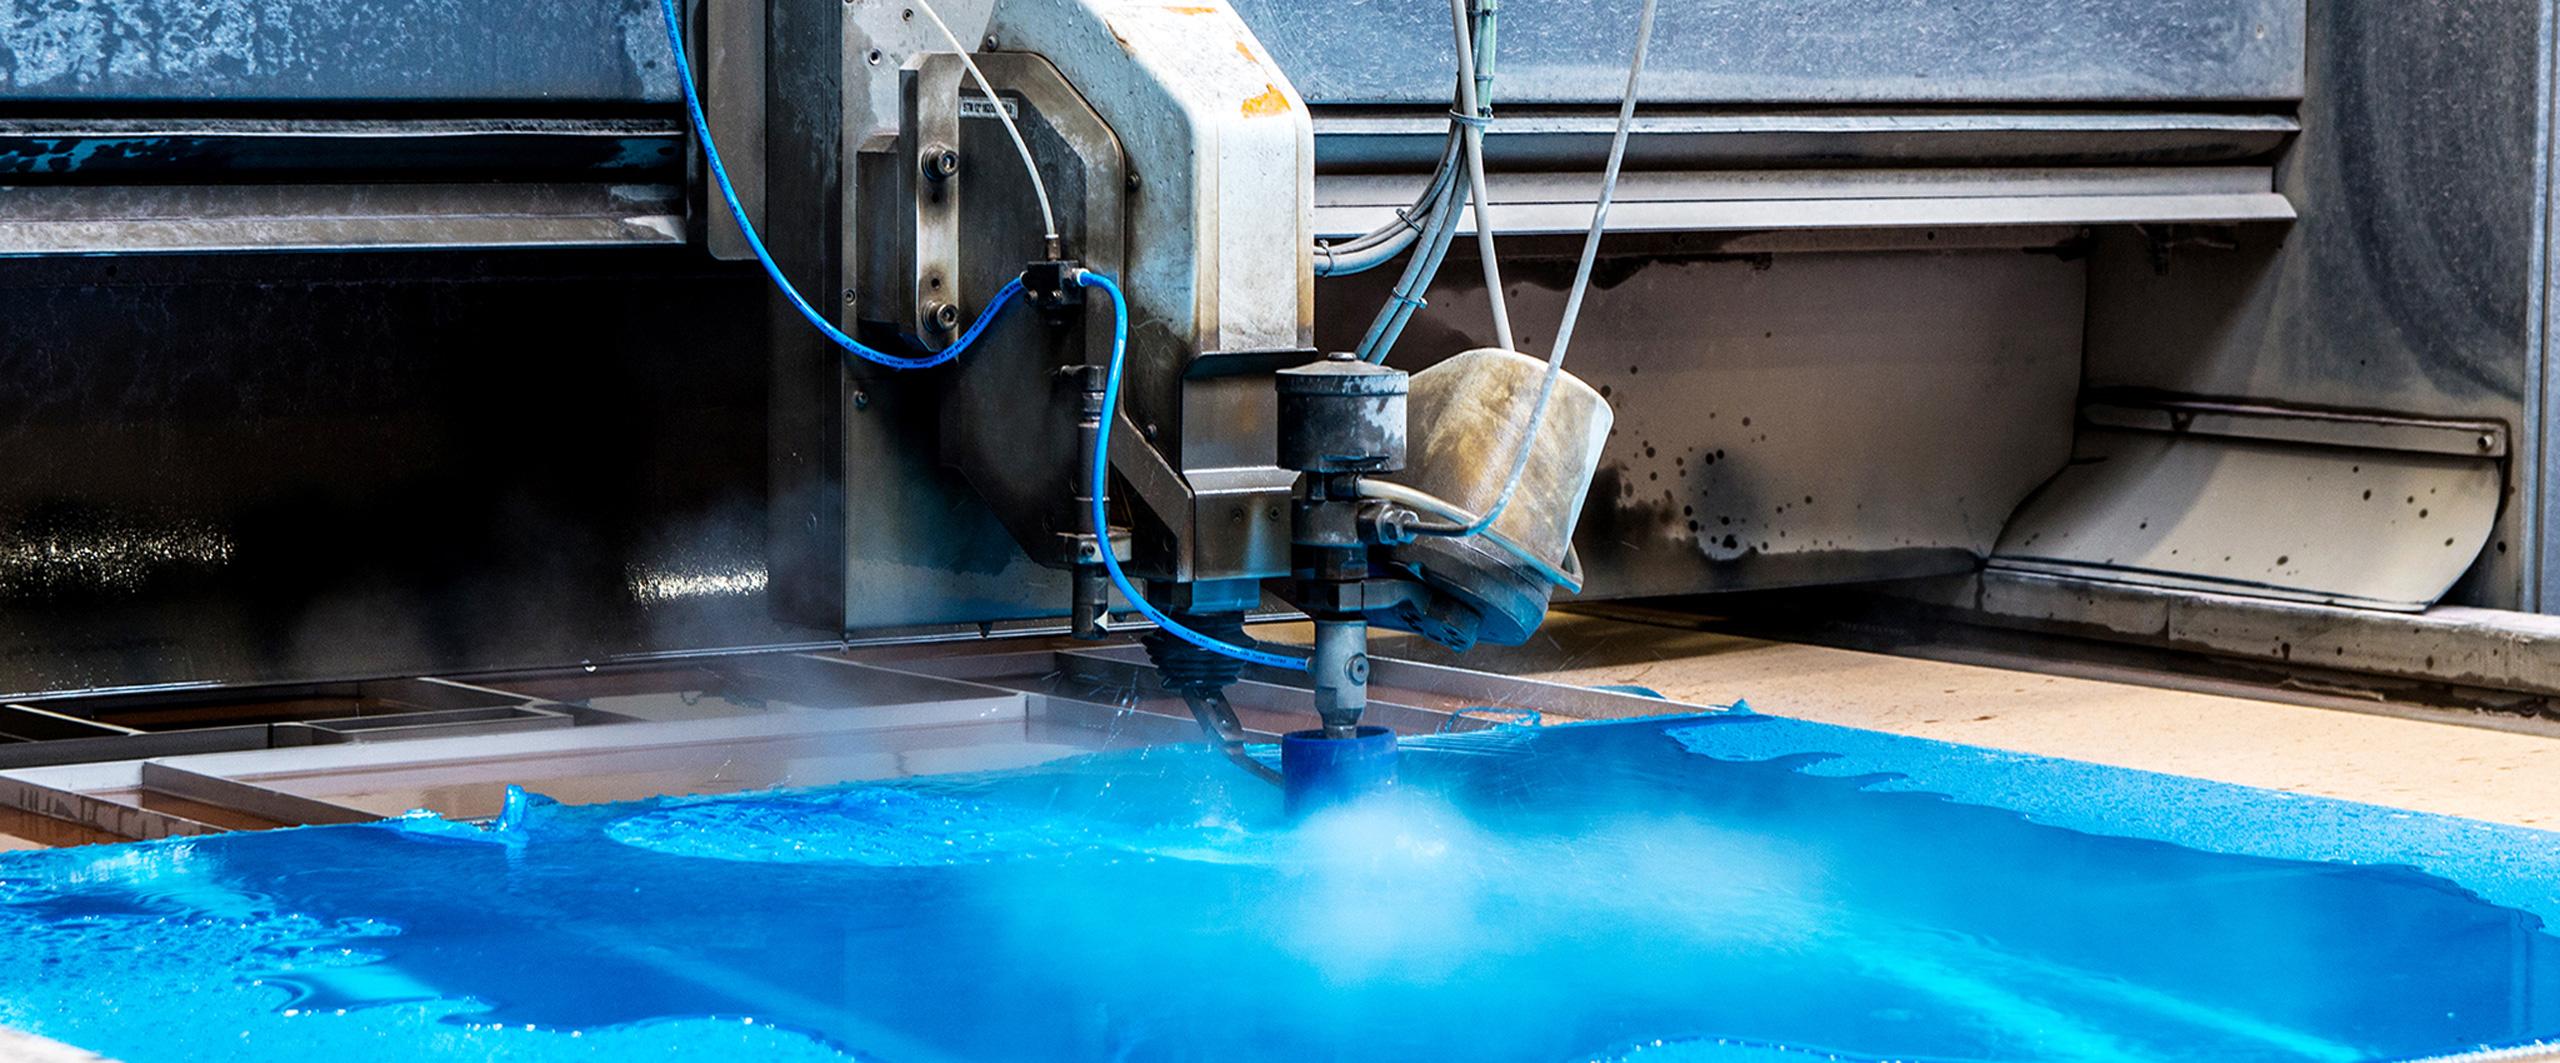 Amkon GmbH | CAD/CAM CNC-Fertigung Engineering, Maschinen- und Anlagenbau, CNC Fertigungstechnik